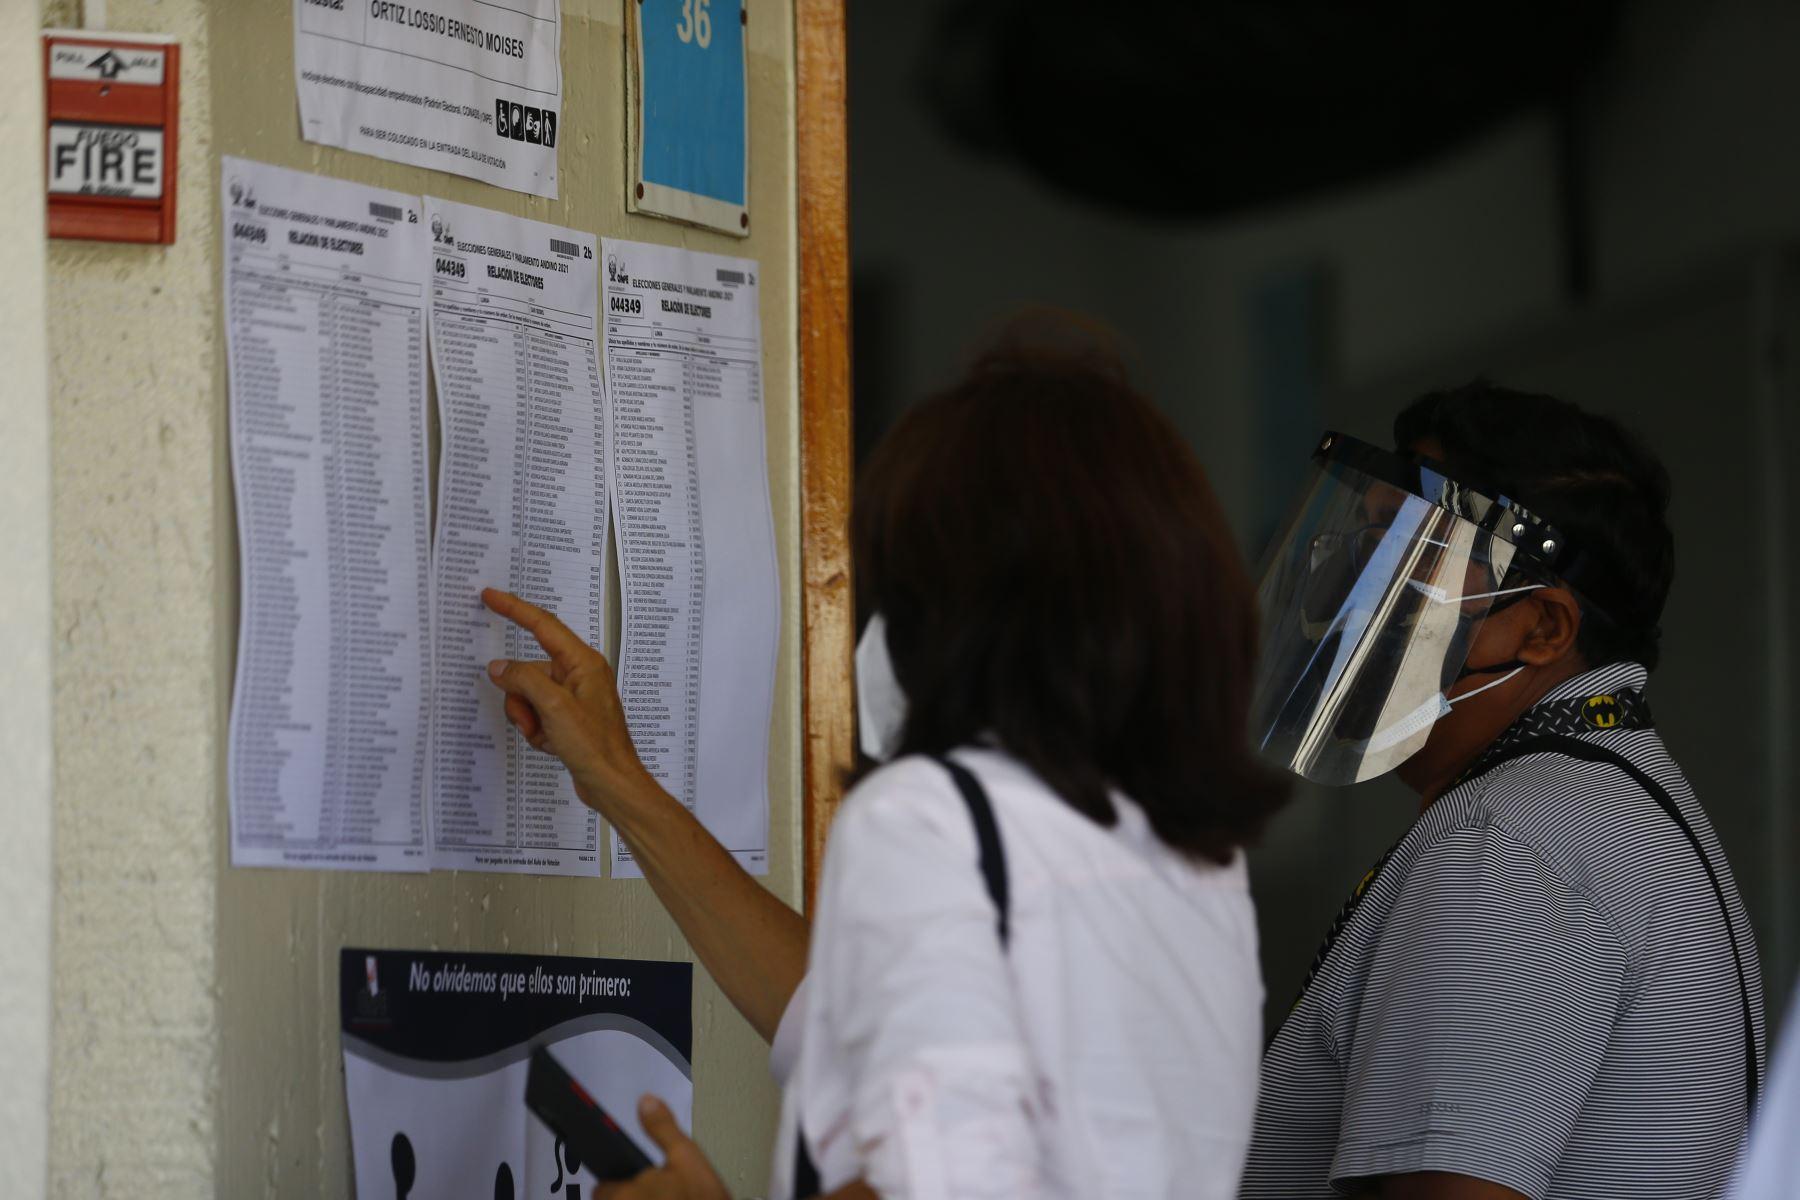 LIMA (PERÚ), 11/04/2021.-La candidata a la vicepresidencia por Victoria Nacional, Patricia Arévalo, emite su voto en el colegio María Reyna Marianistas, en el distrito de San Isidro, durante la jornada de las Elecciones Generales 2021. Foto: ANDINA/Andrés Valle